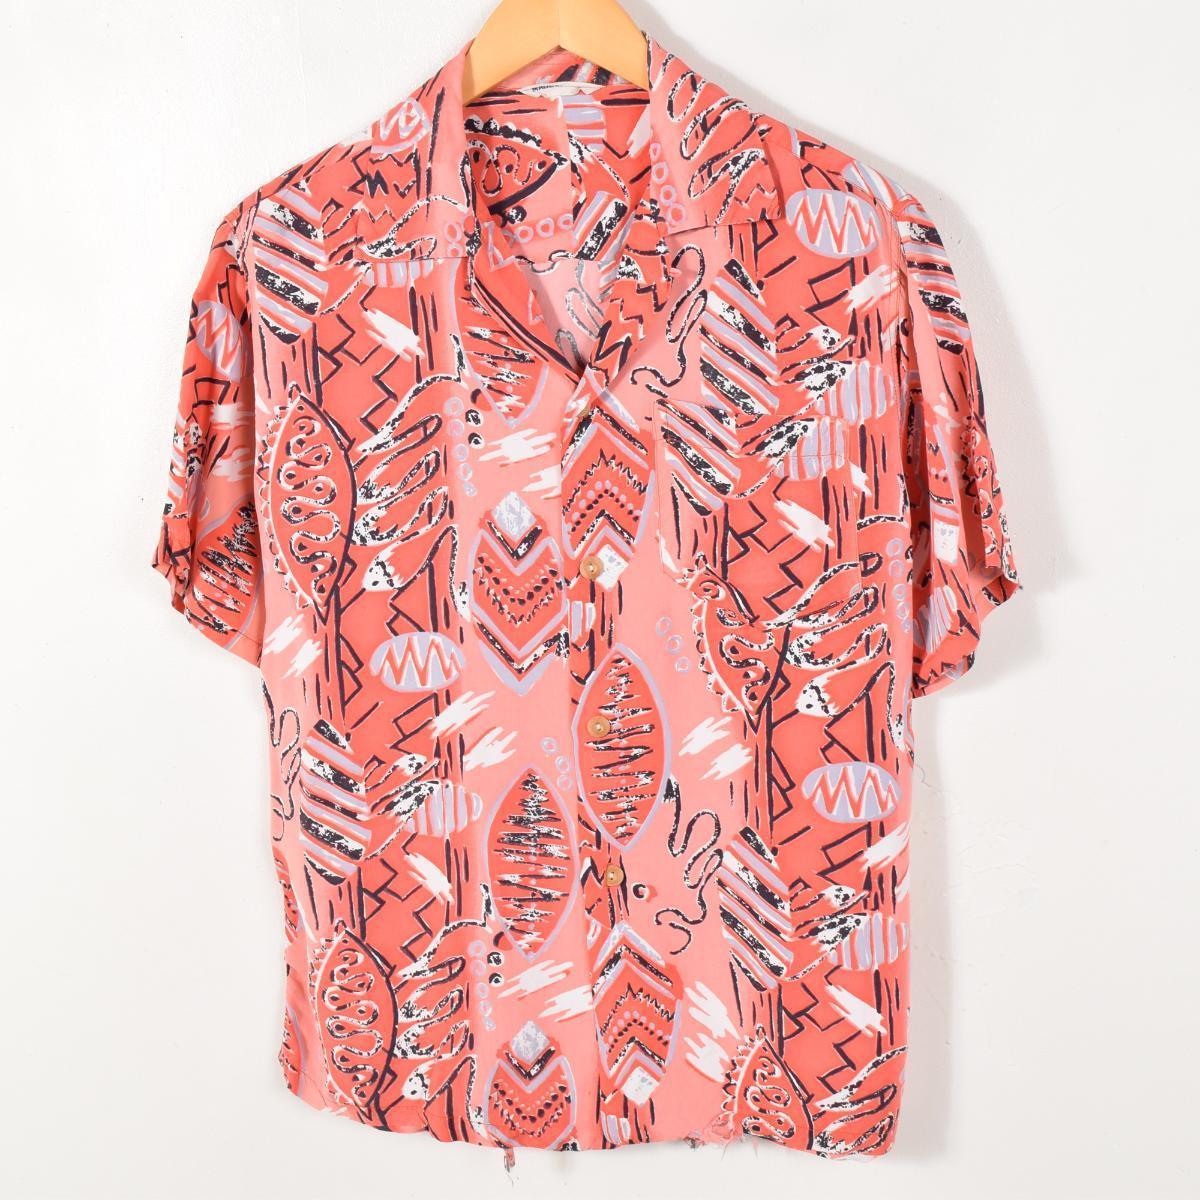 50年代 オープンカラー 総柄 レーヨン ハワイアンアロハシャツ メンズM UNKNOWN /waa9193 【中古】【n1705】 【170429】